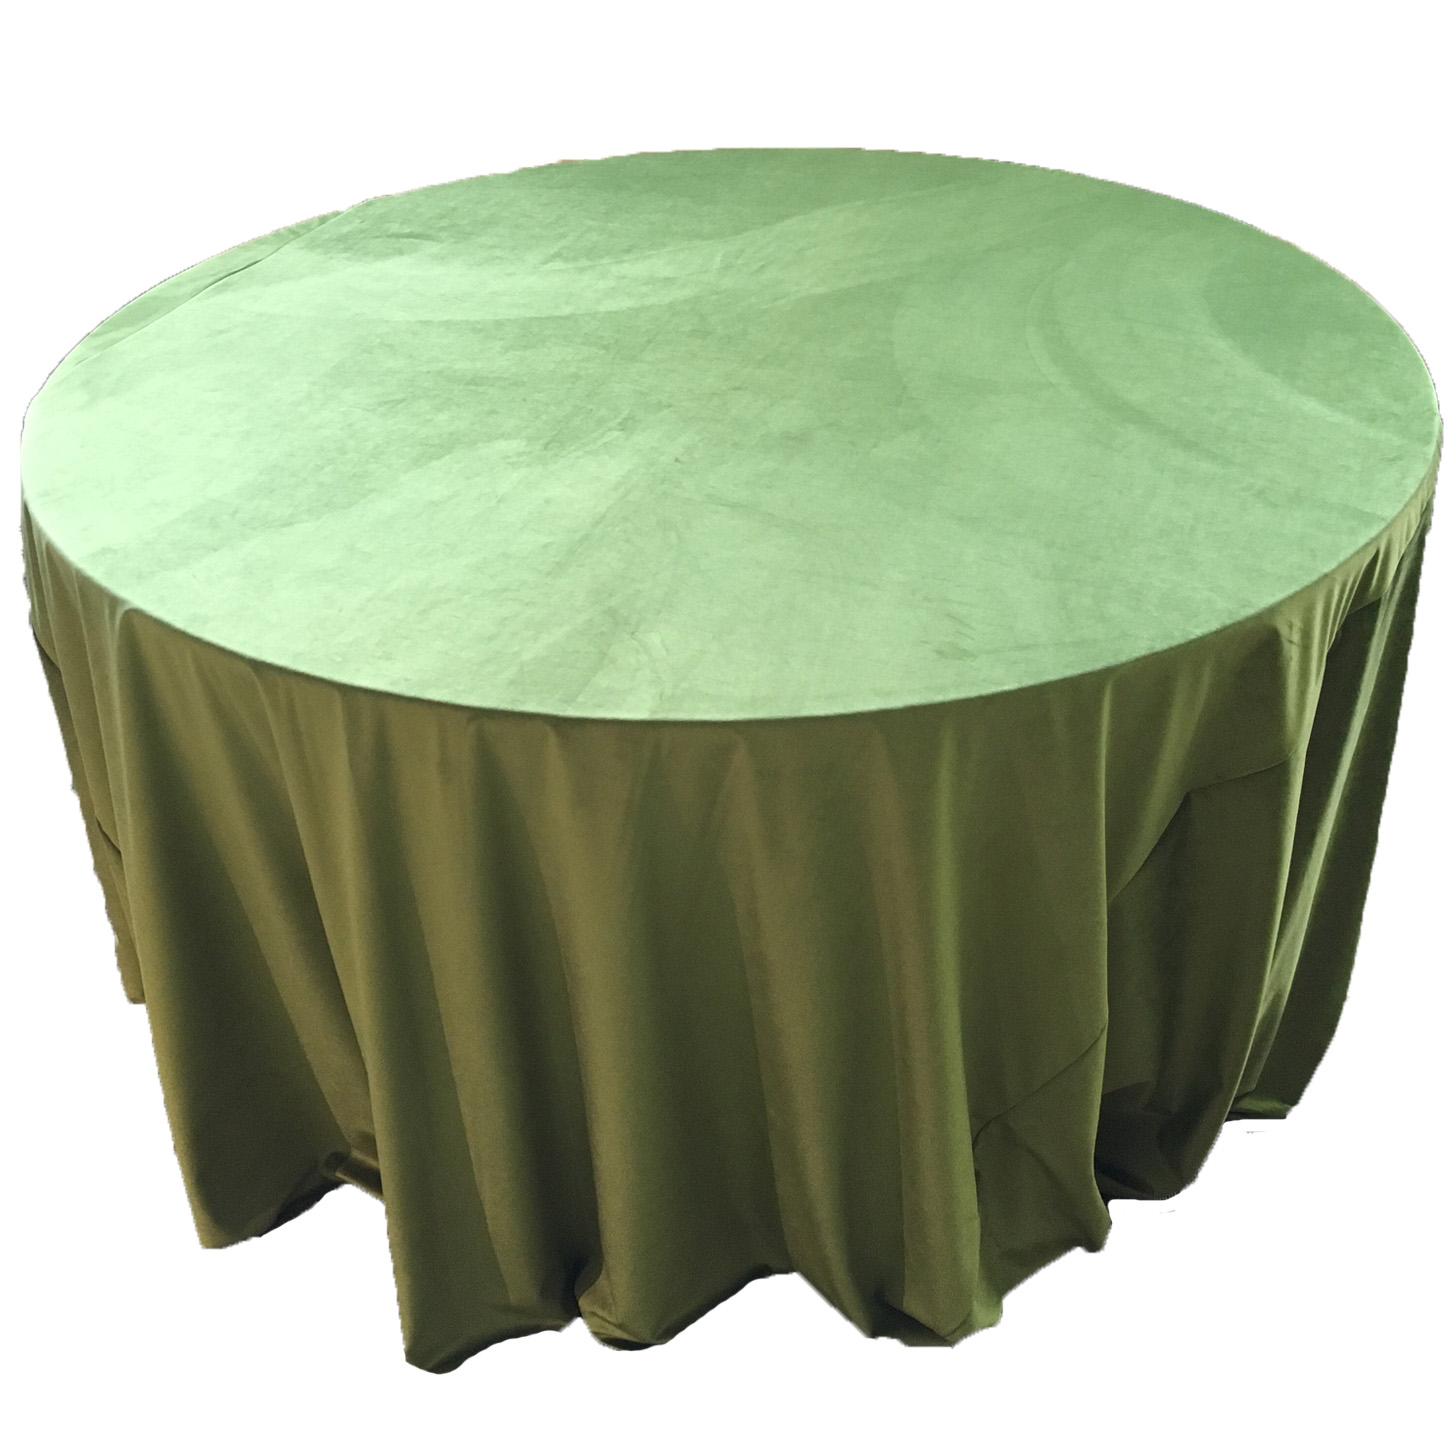 Gallery image for Green Velvet Runner